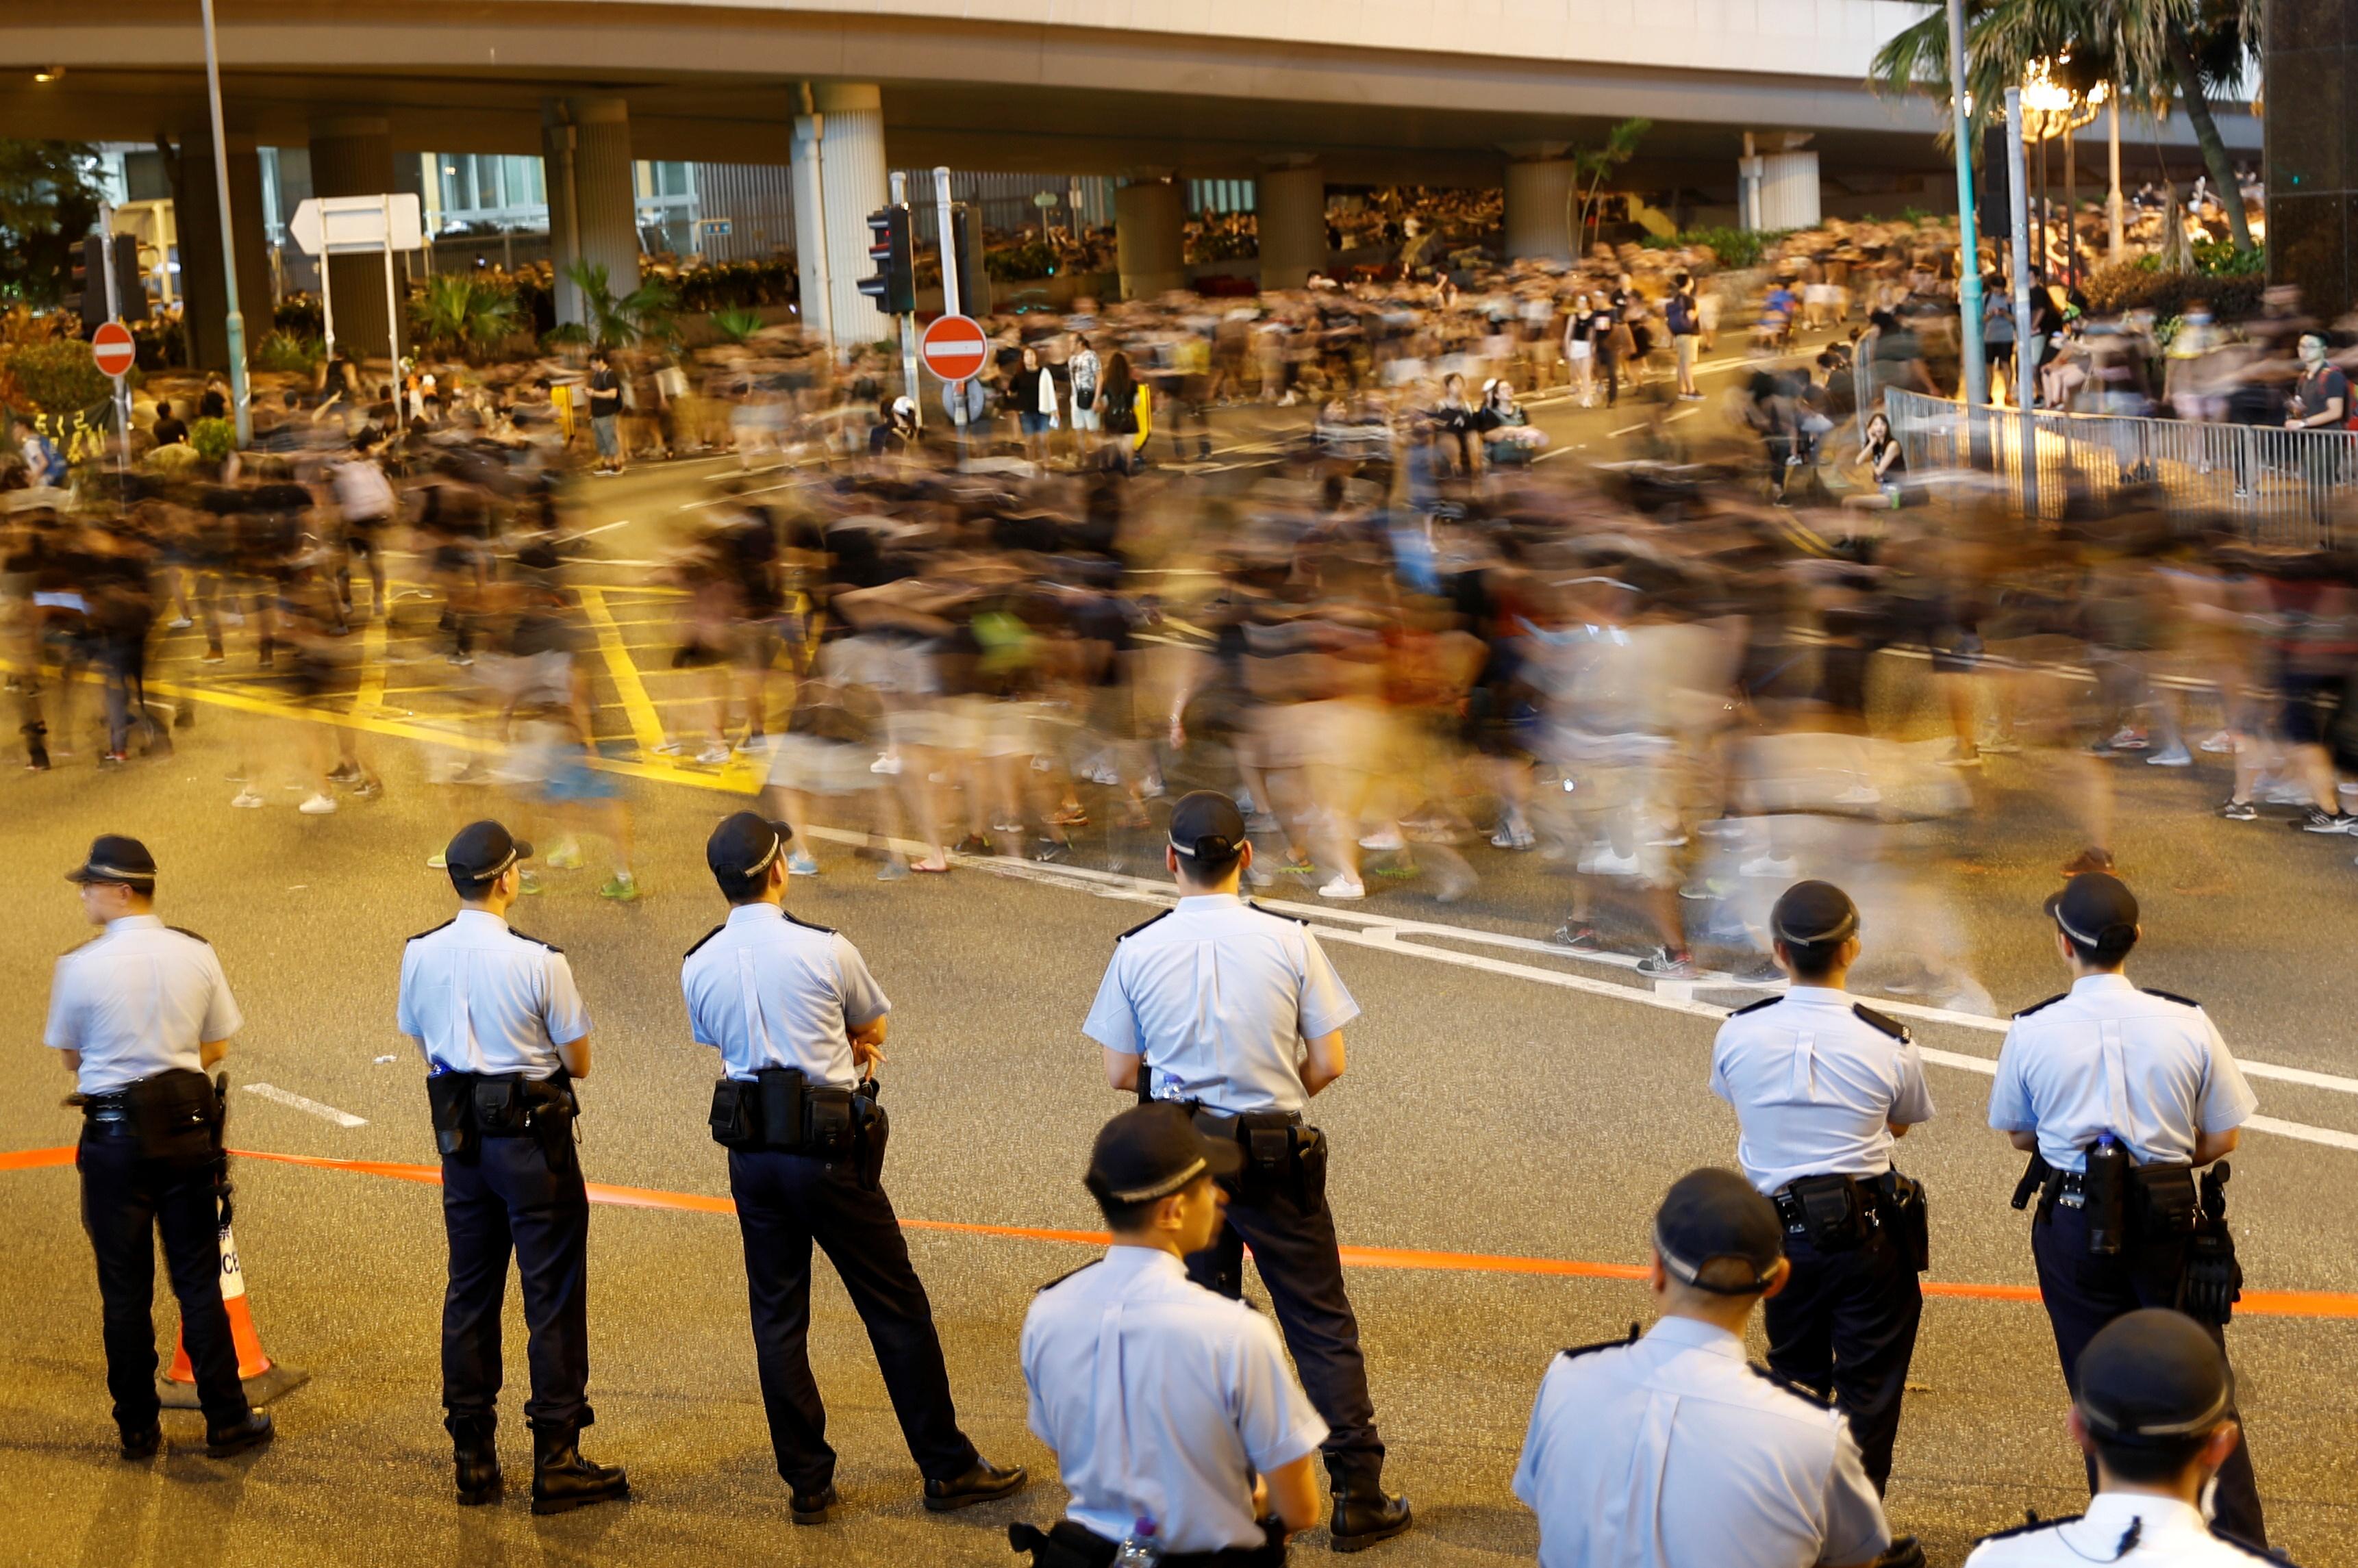 שוטרים שומרים בעד שמפגינים נגד מנהיגת הונג קונג צועדים / צילום: Tyrone Siu, רויטרס